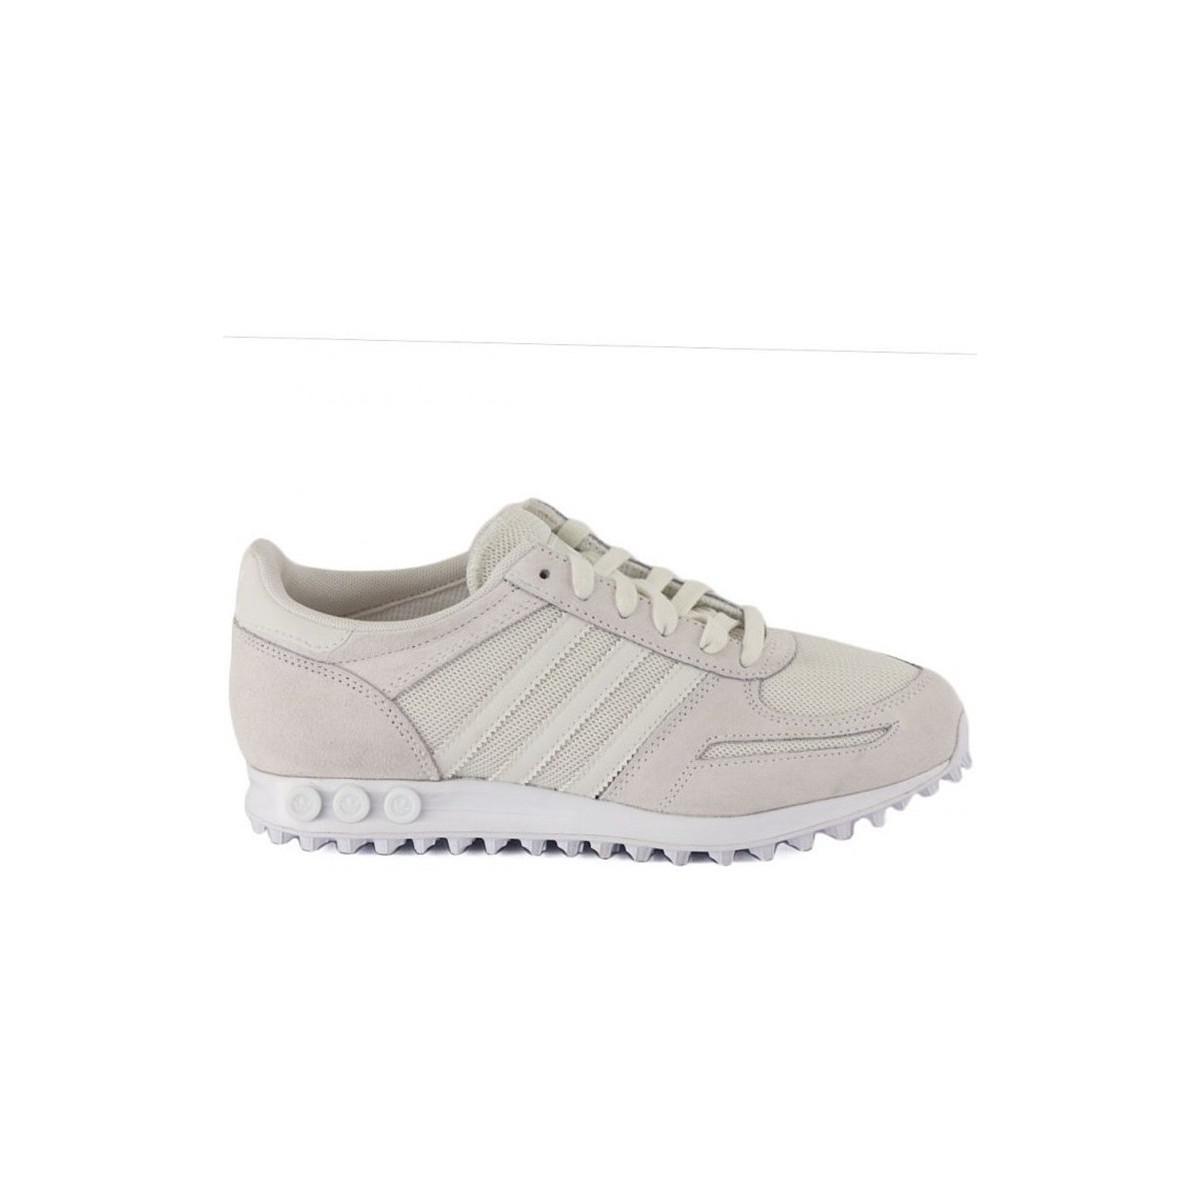 trainer adidas beige